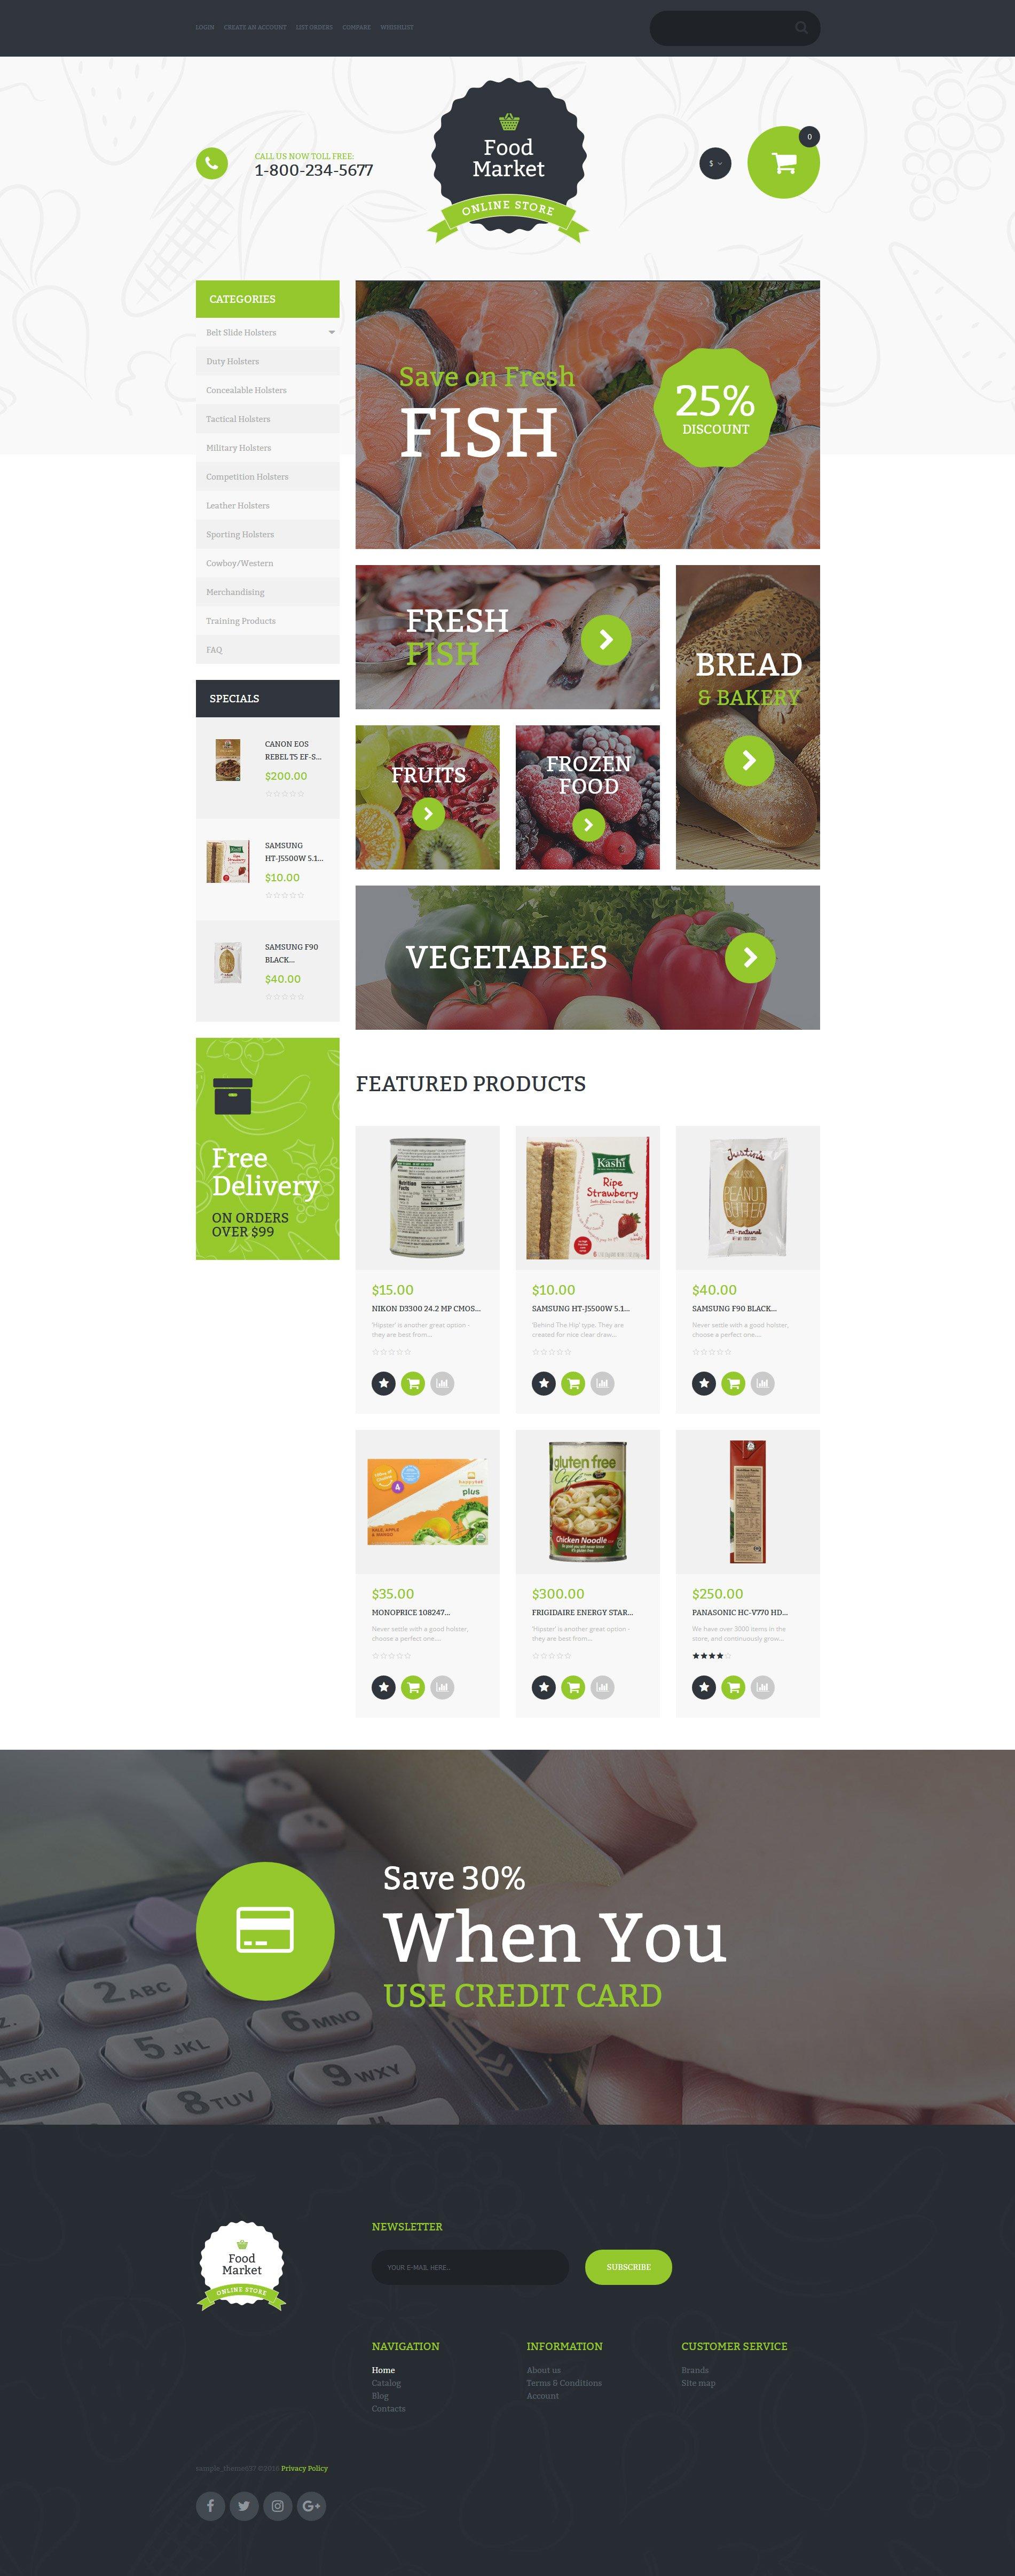 Szablon VirtueMart Food Market #58876 - zrzut ekranu